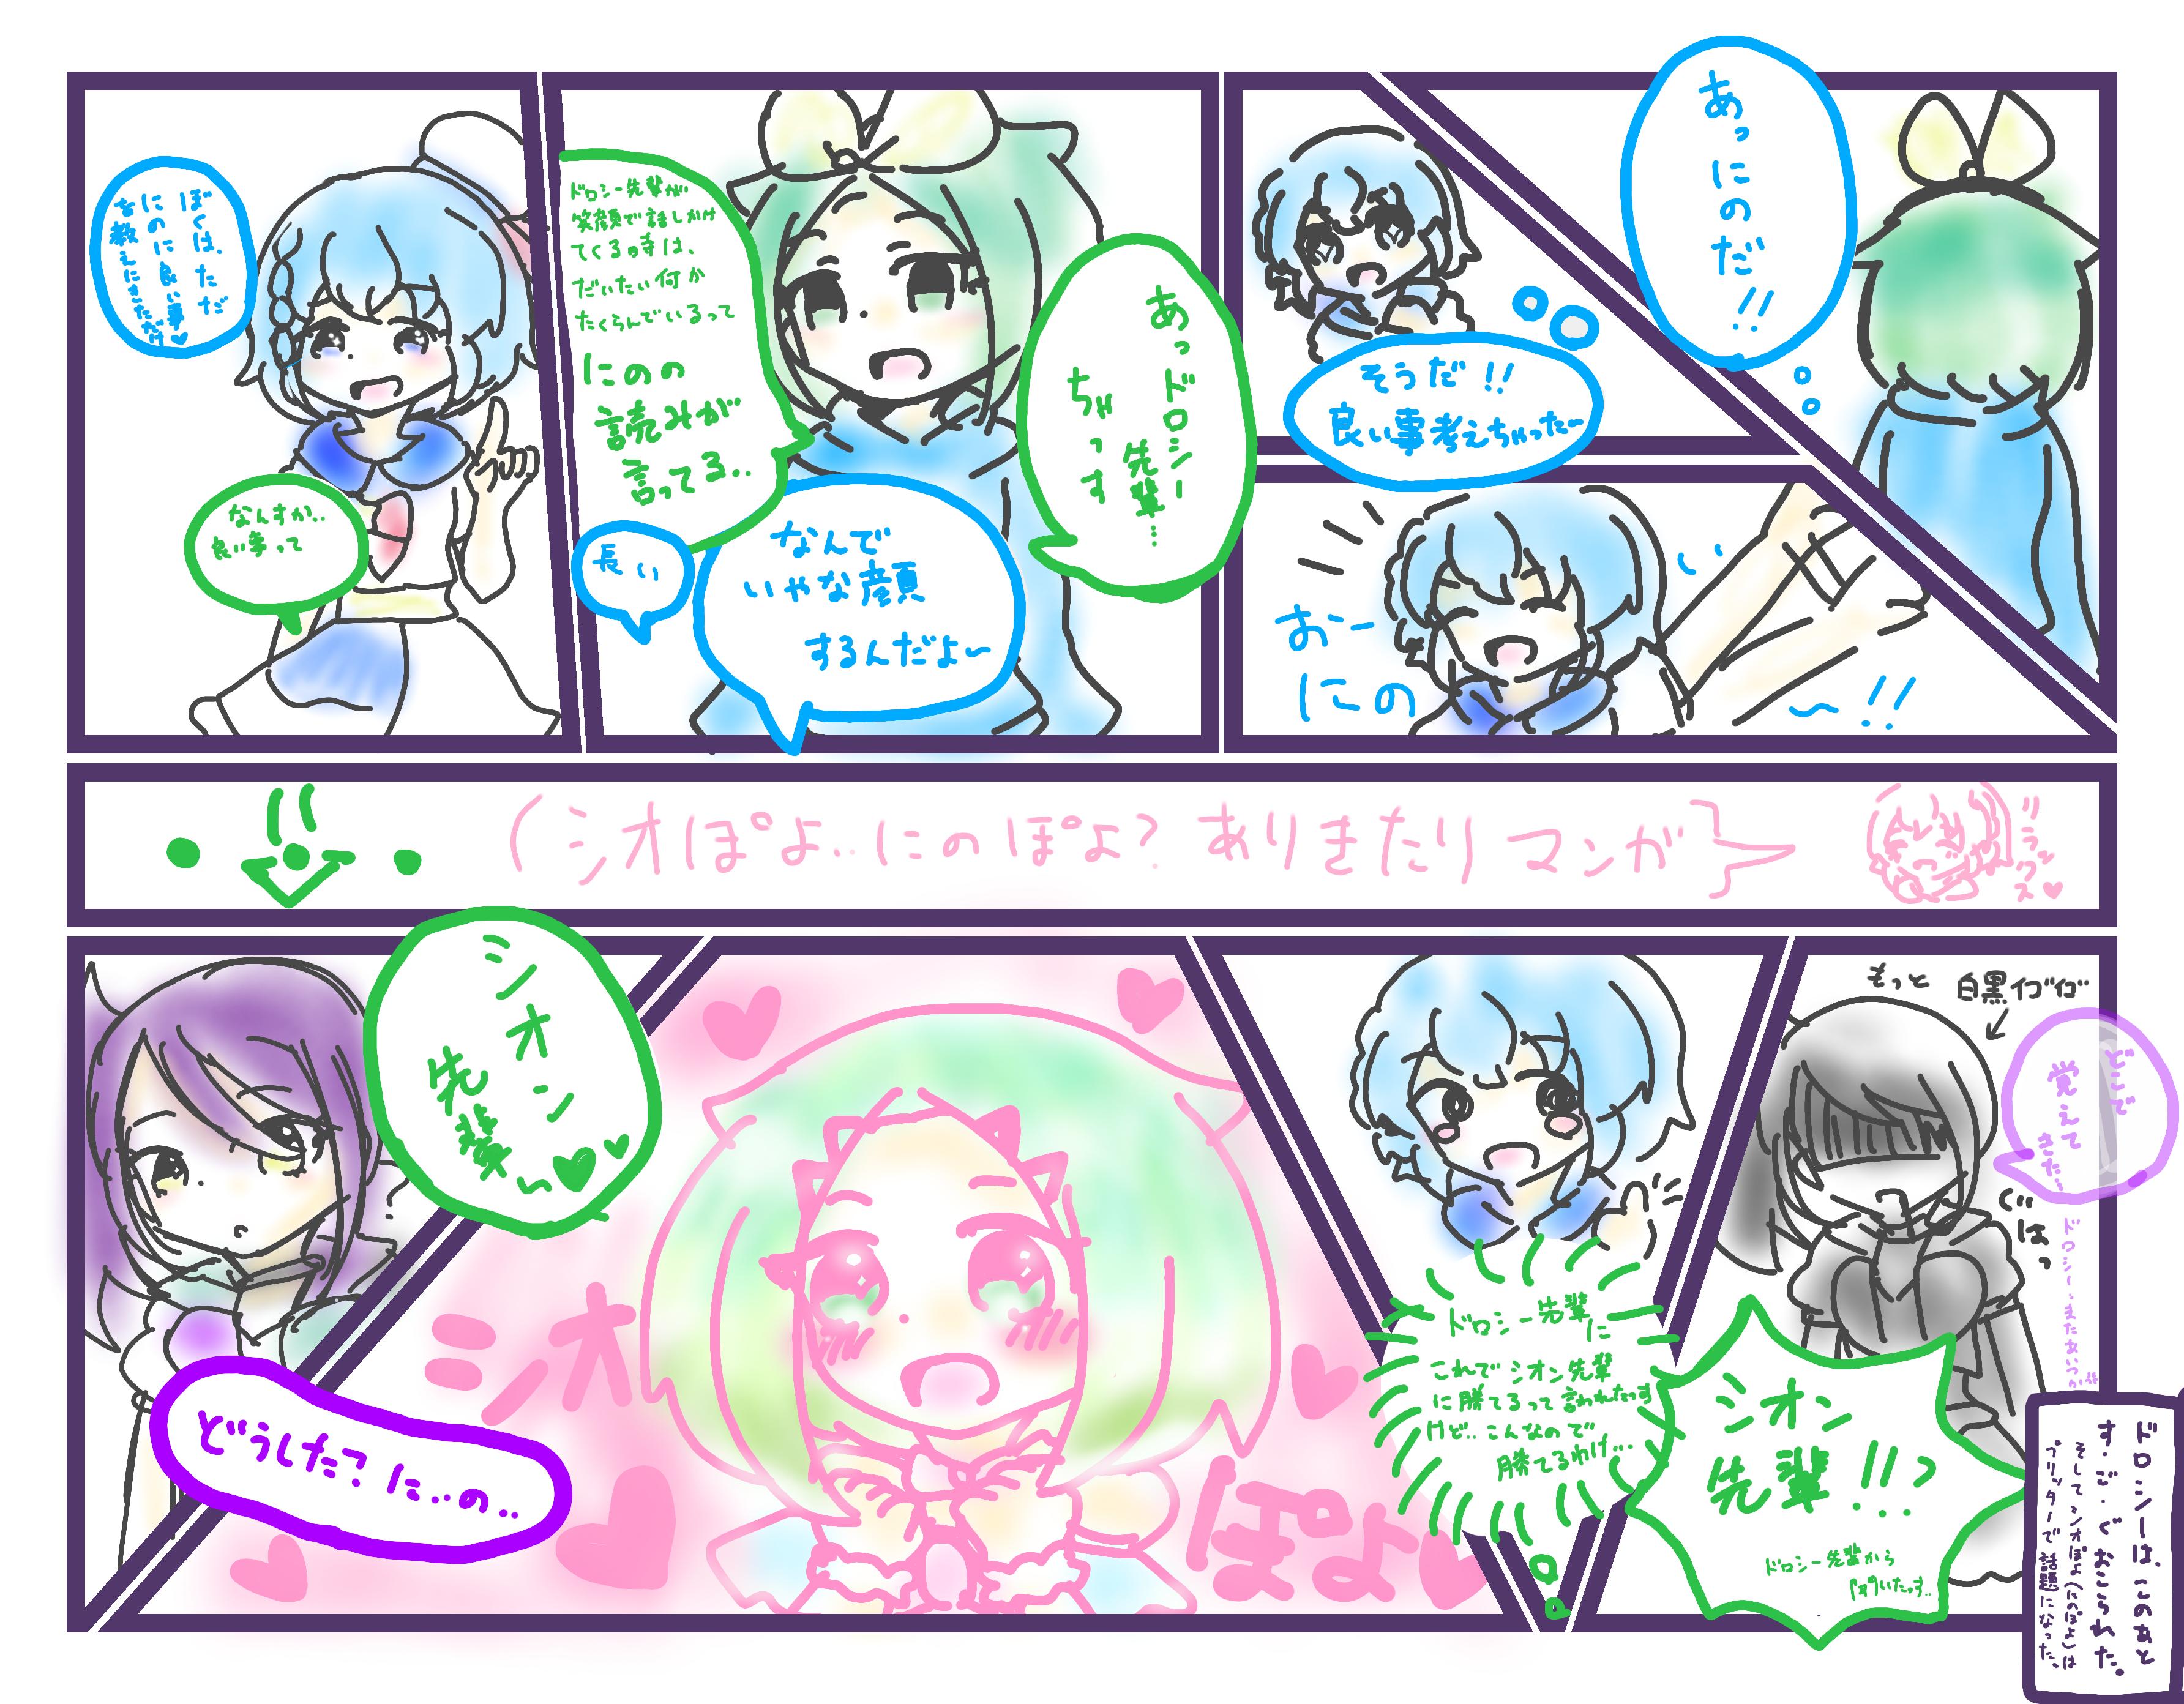 東堂シオン 虹色にの ドロシーウェスト 漫画 Ibispaint